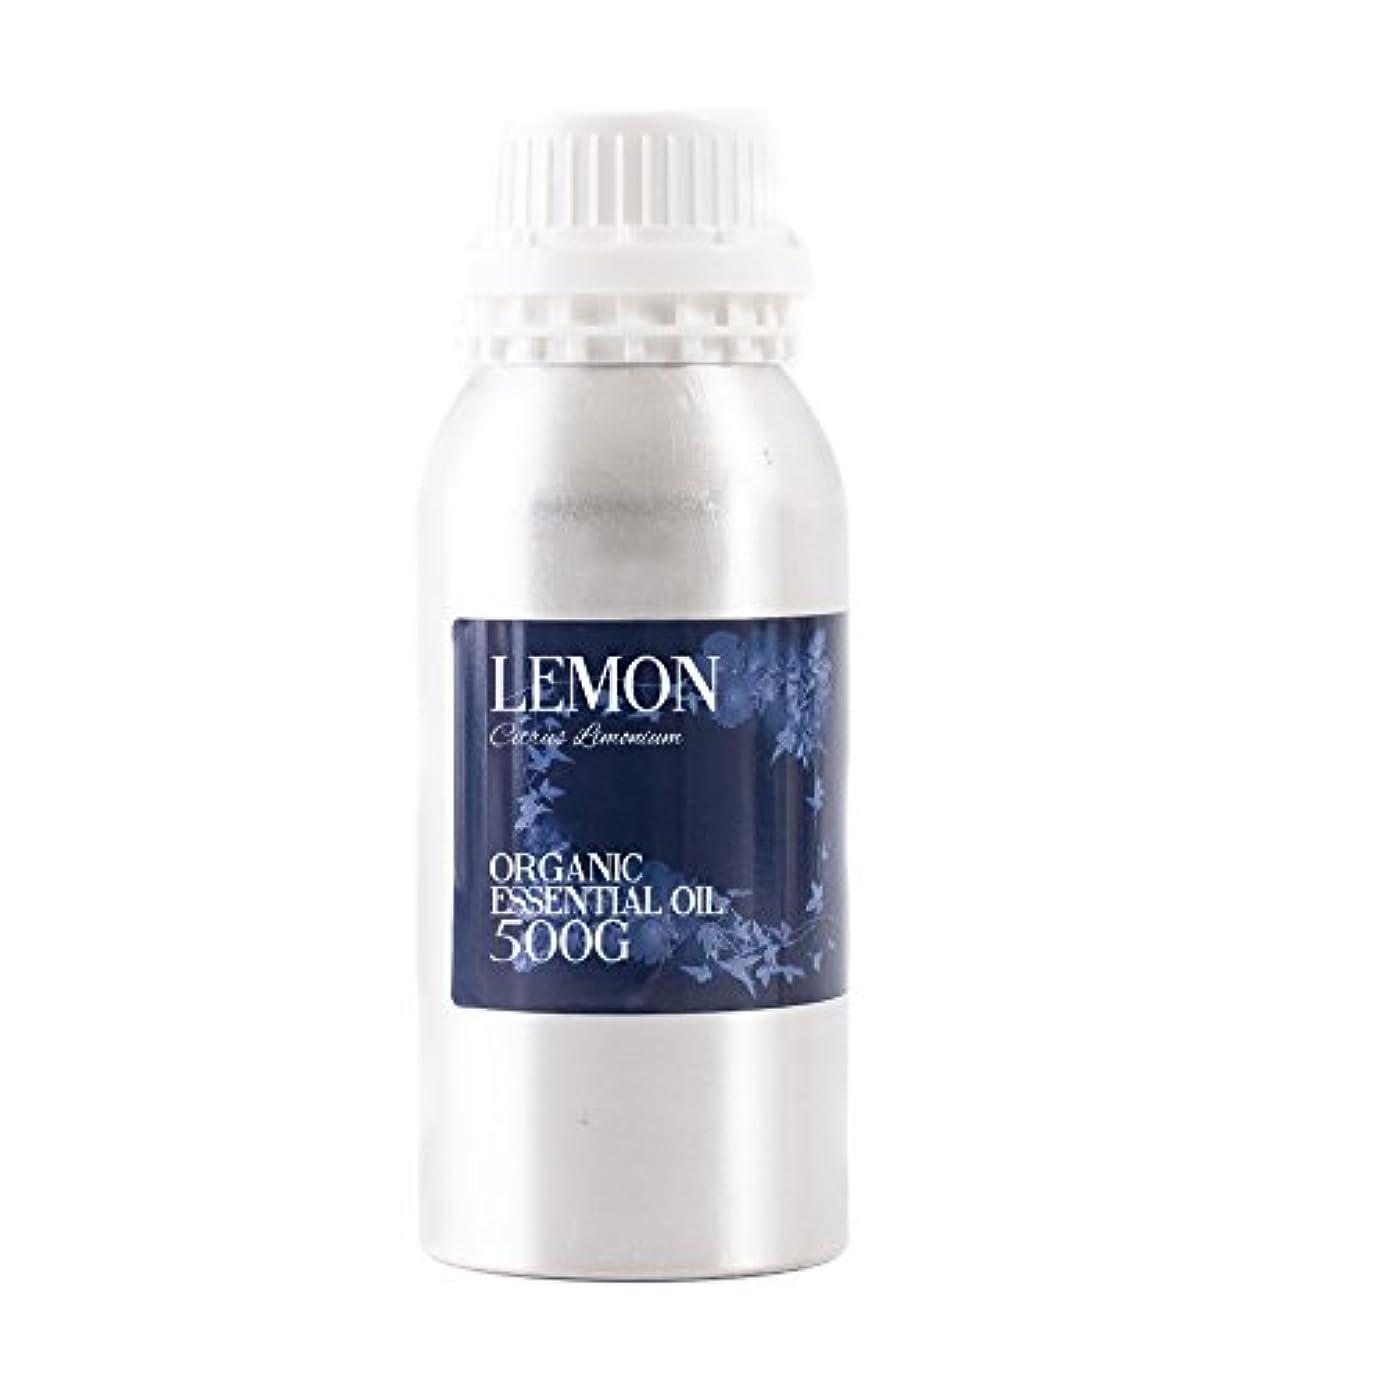 殺人者流すママMystic Moments | Lemon Organic Essential Oil - 500g - 100% Pure